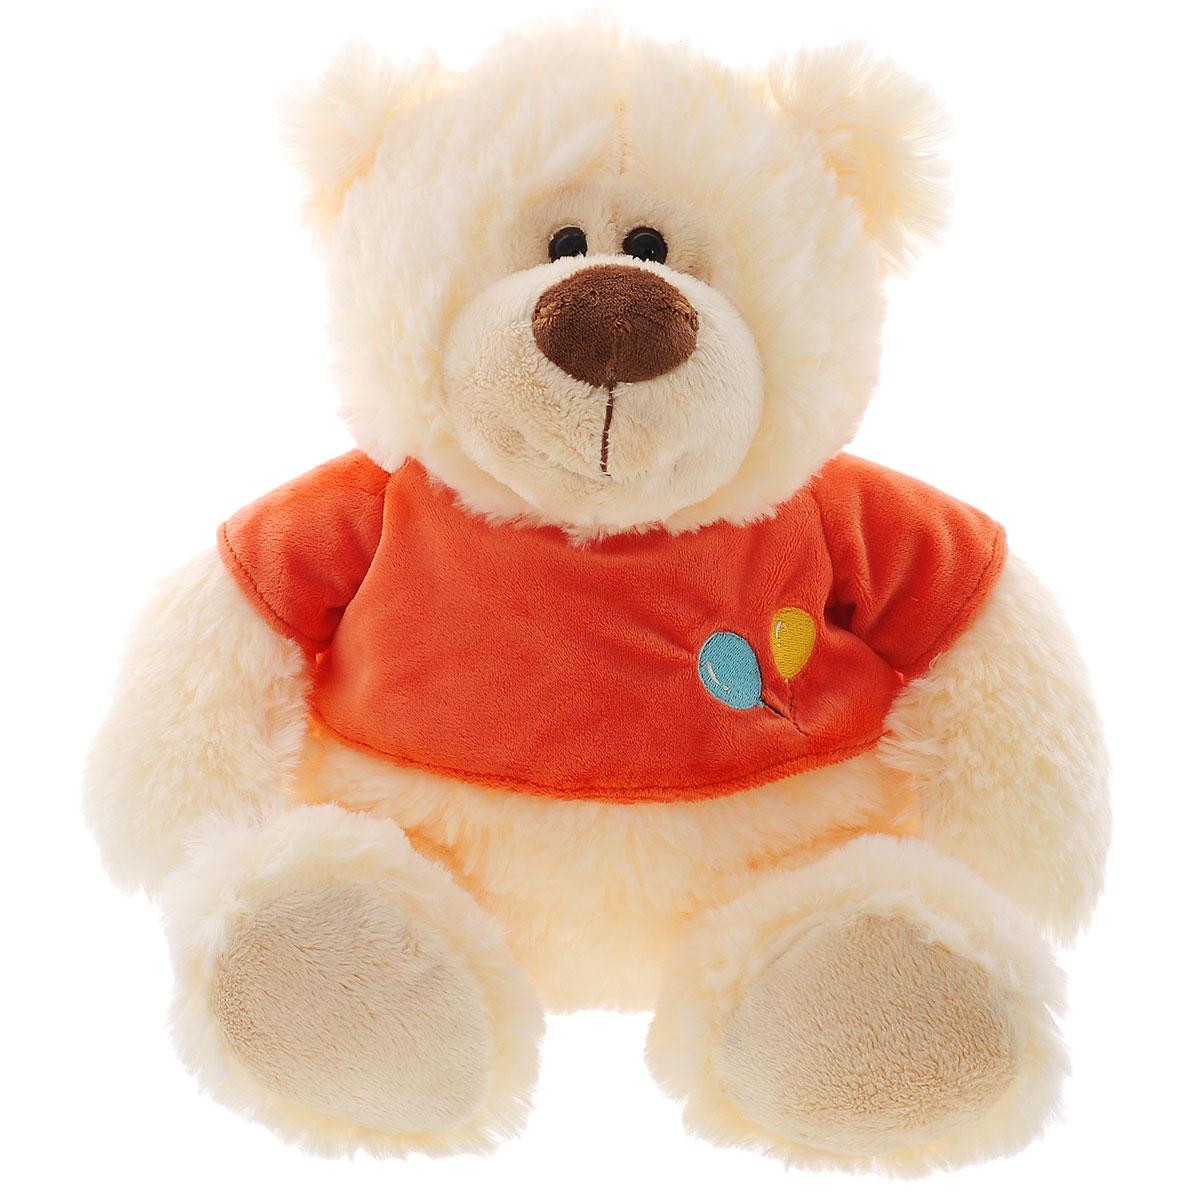 Мягкая игрушка Plush Apple Медведь в футболке, 39 смK13038A1Мягкая игрушка Plush Apple Медведь в футболке станет лучшим другом для любого ребенка. Игрушка изготовлена из безопасных, приятных на ощупь текстильных материалов в виде медвежонка, одетого в футболку. Глазки выполнены из пластика. Удивительно мягкая игрушка принесет радость и подарит своему обладателю мгновения нежных объятий и приятных воспоминаний.